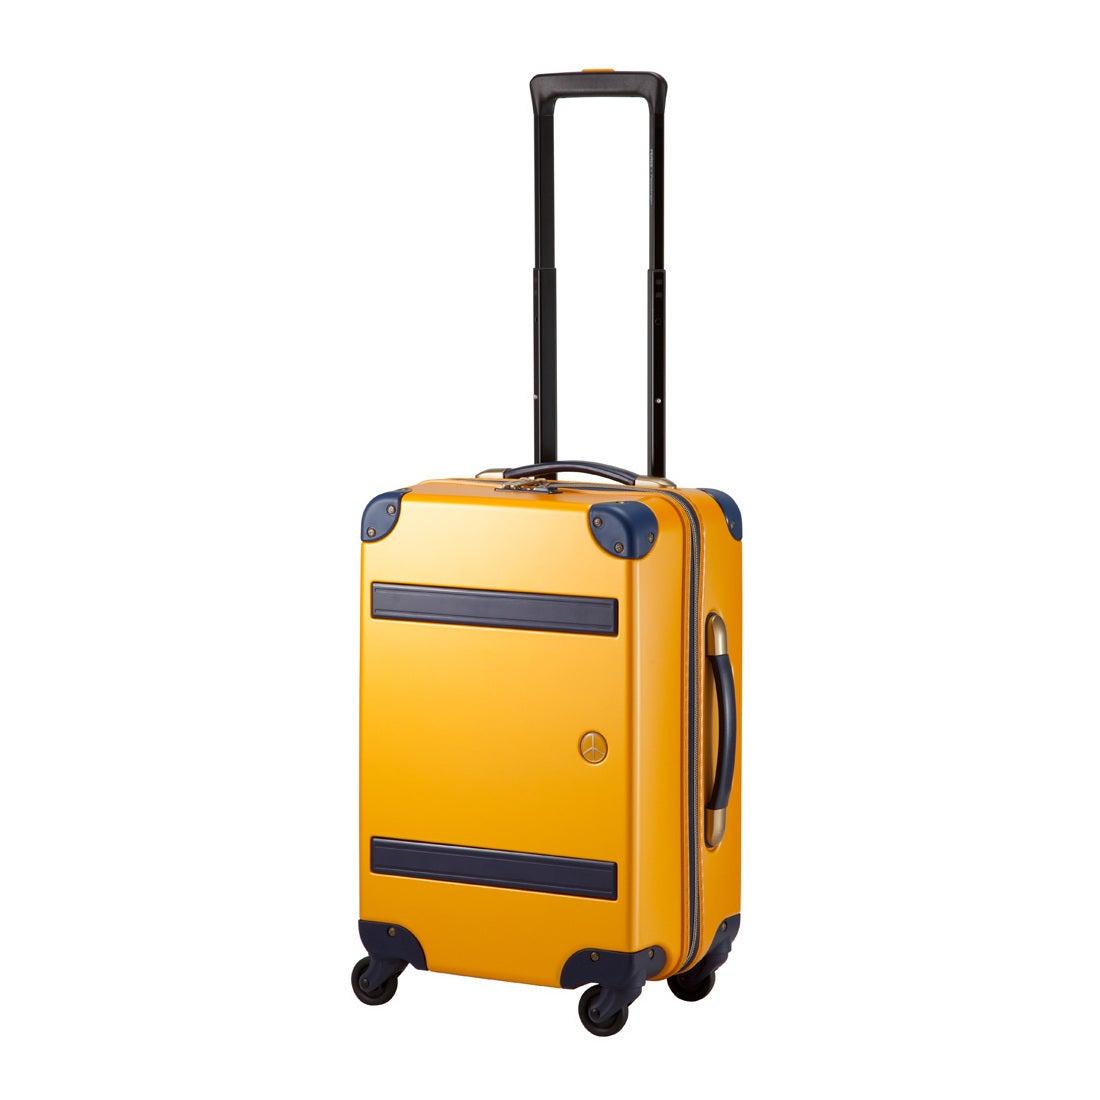 【SAC'S BAR】プラスワン スーツケース PEACE×Passenger 8170-49 49cm スプラッシュオレンジ メンズ